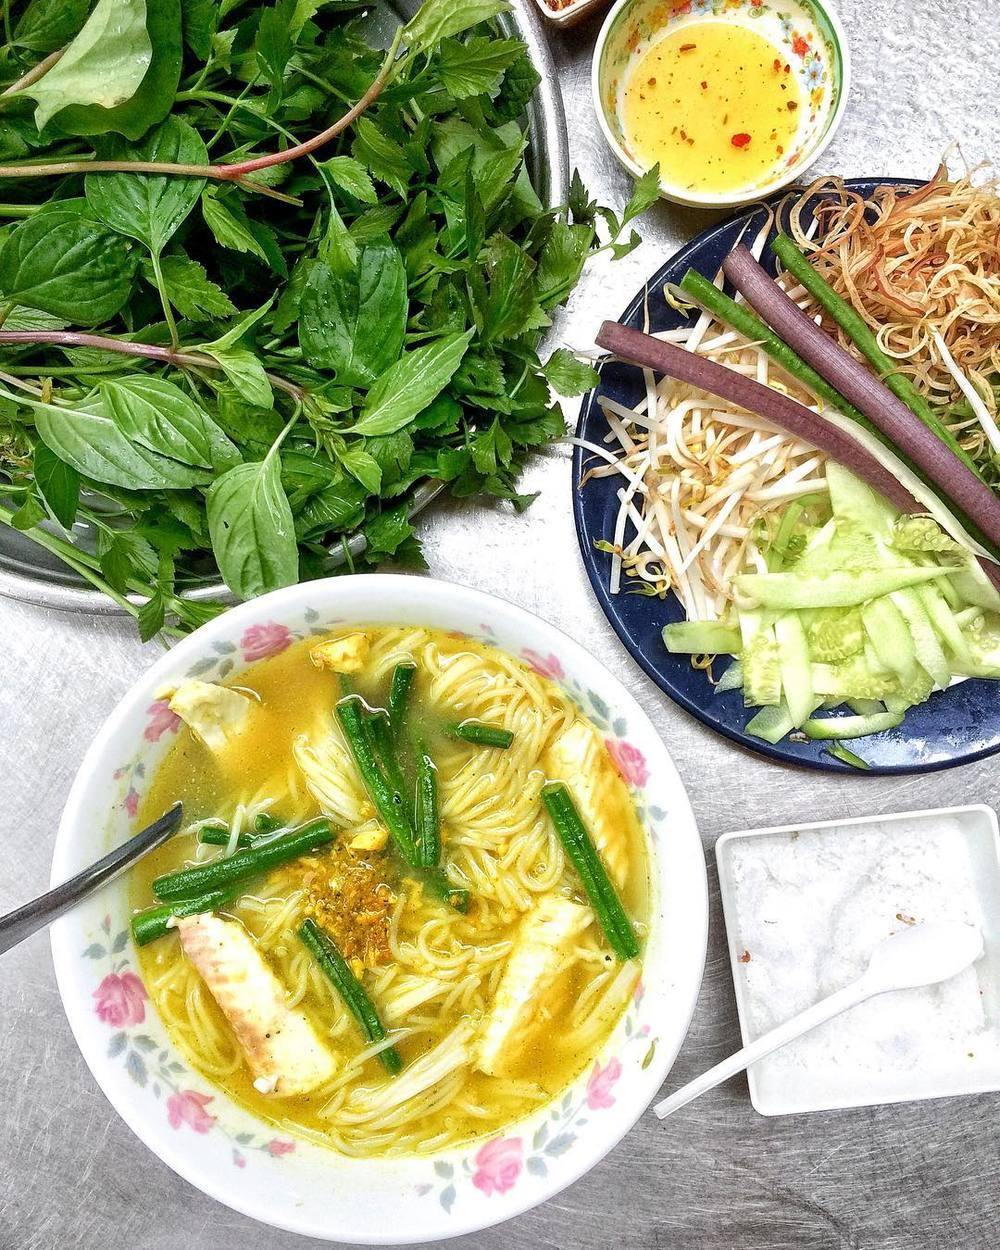 8/3 nên đi đâu chơi ở Sài Gòn: Khám phá những địa điểm thú vị để dạo quanh cùng nàng - Ảnh 14.